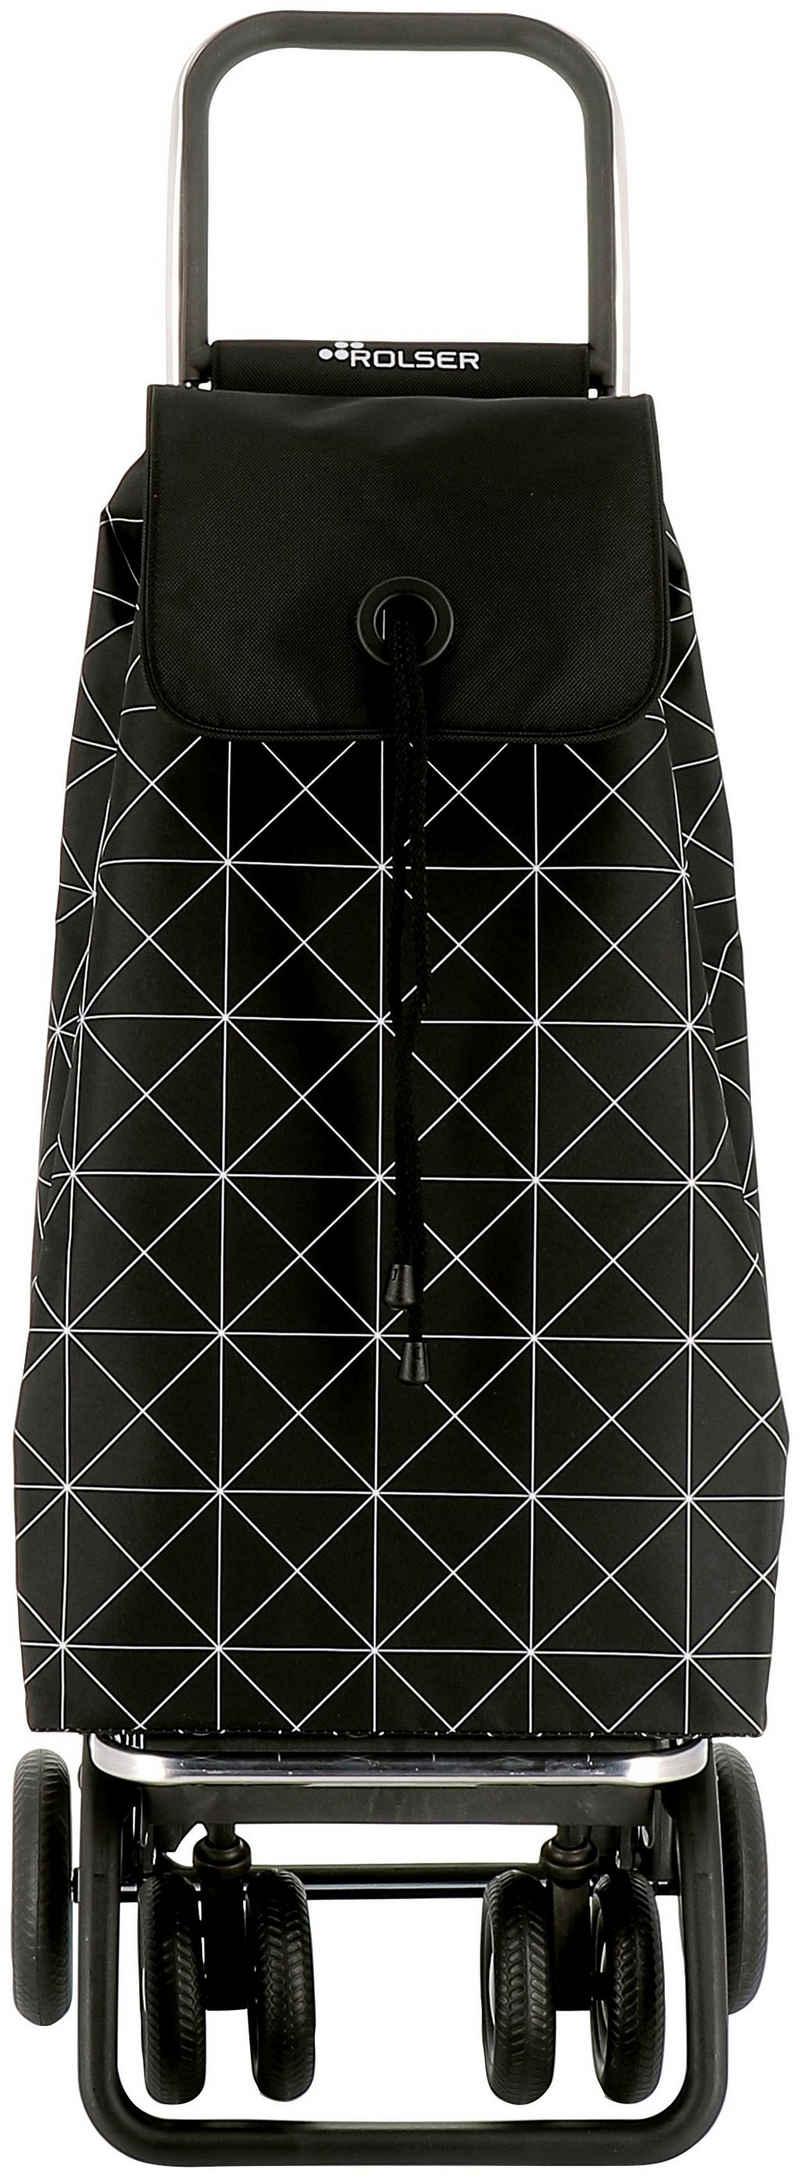 Rolser Einkaufstrolley »Logic Tour I-Max Star«, 43 l, in verschiedenen Farben, Max. Tragkraft: 40 kg, Tasche abnehmbar